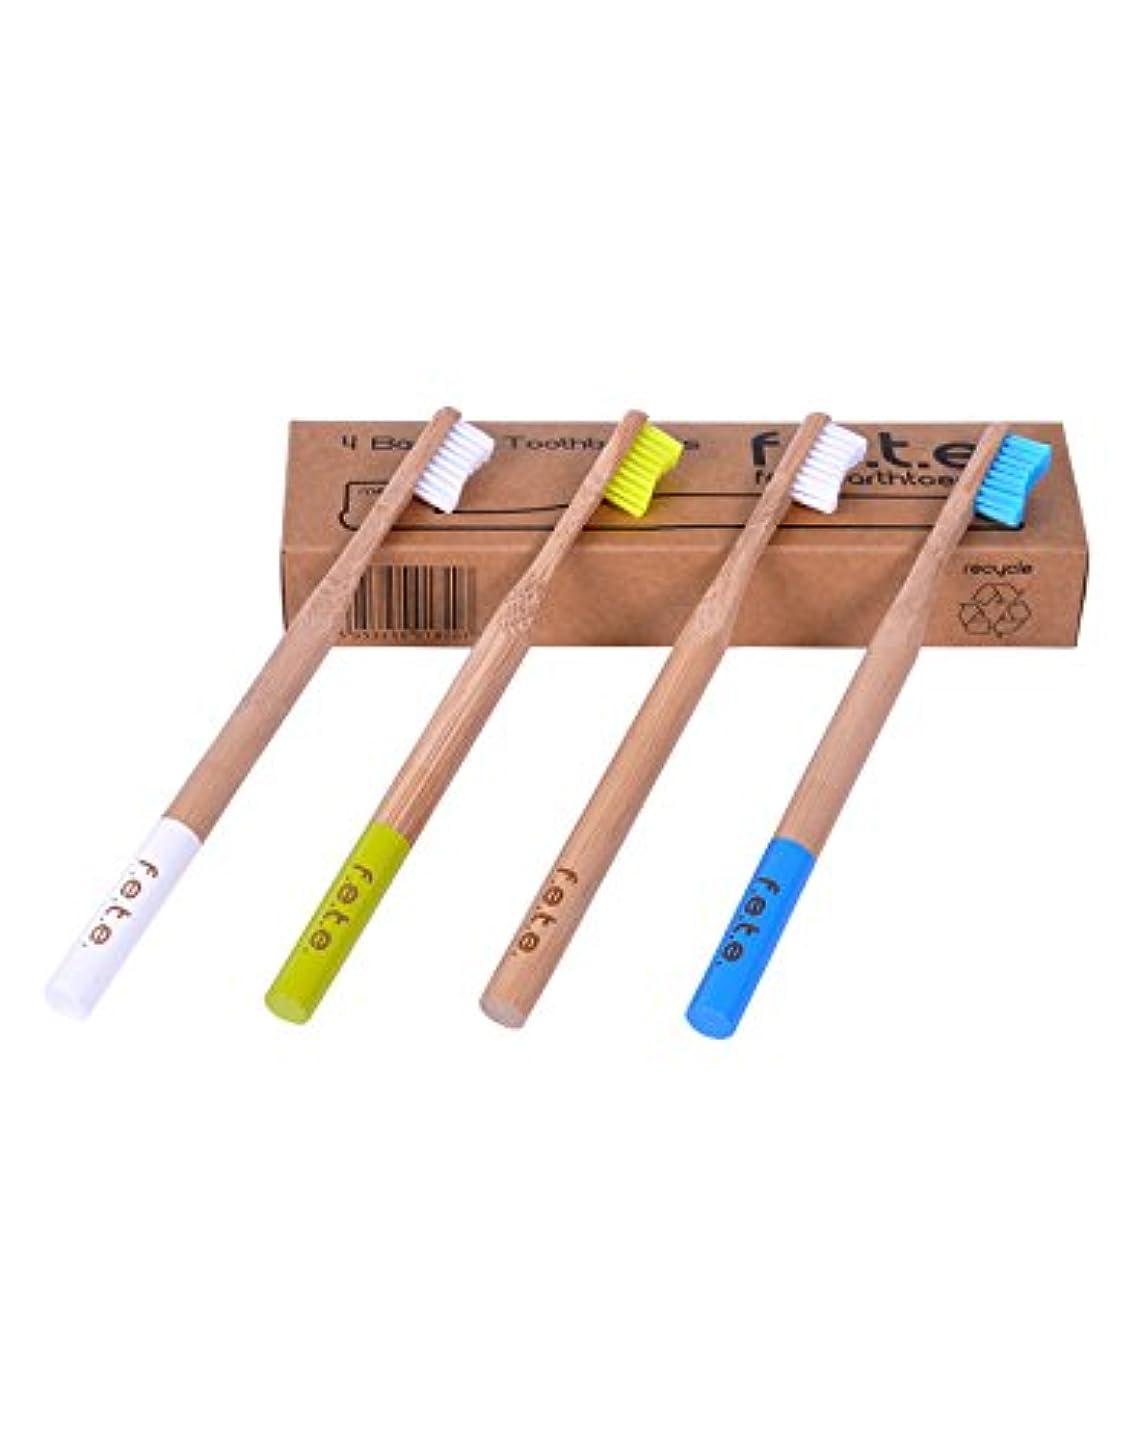 鑑定半円算術Bamboo toothbrush Best Eco-Friendly biodegradable Bamboo Handles and BPA-Free Non-Plastic Nylon Bristles For Natural...